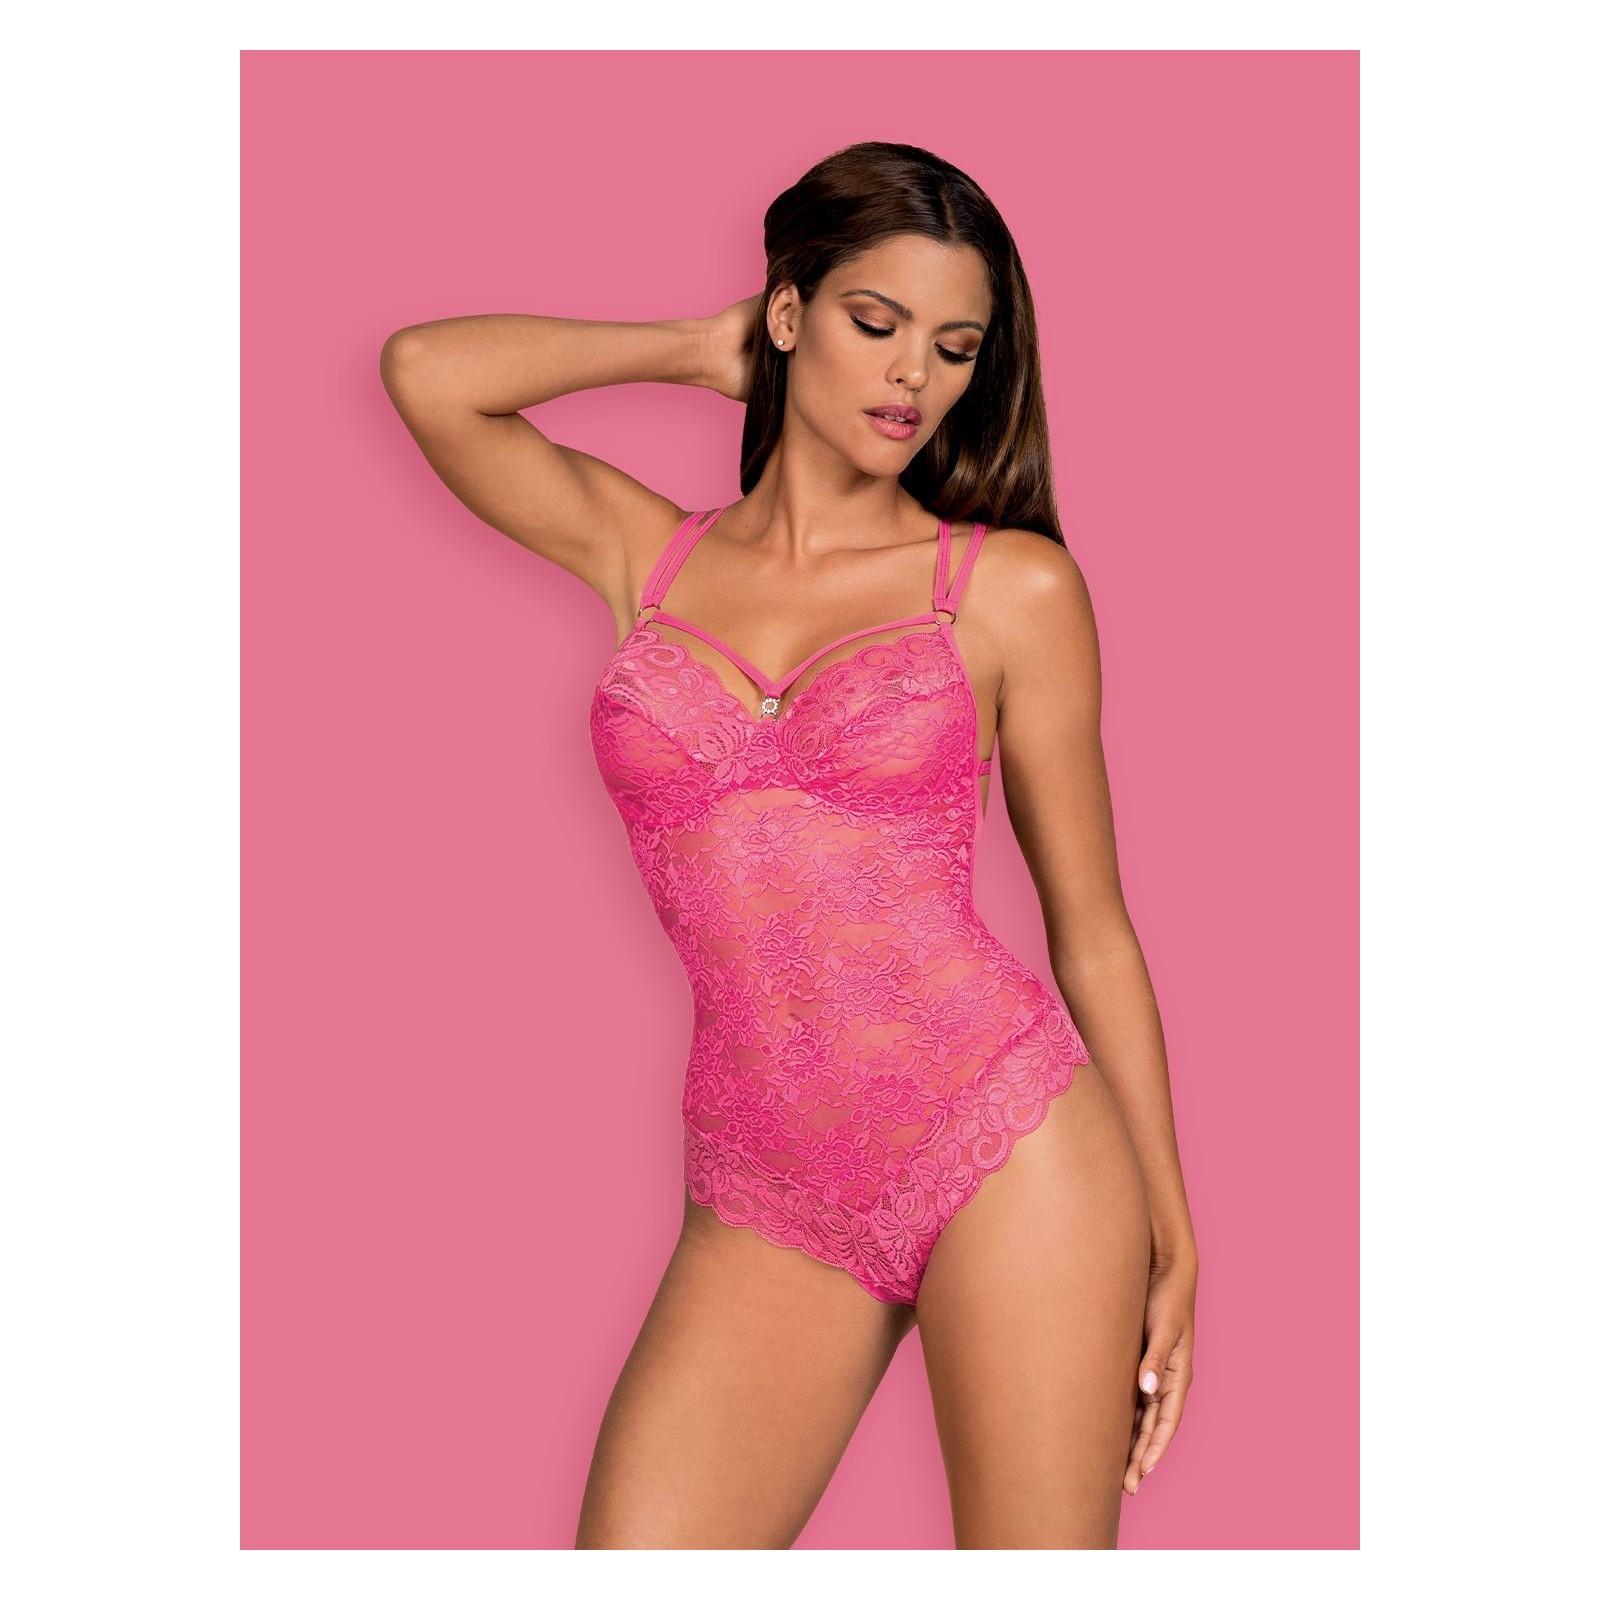 860-TED-5 Teddy pink - 1 - Vorschaubild